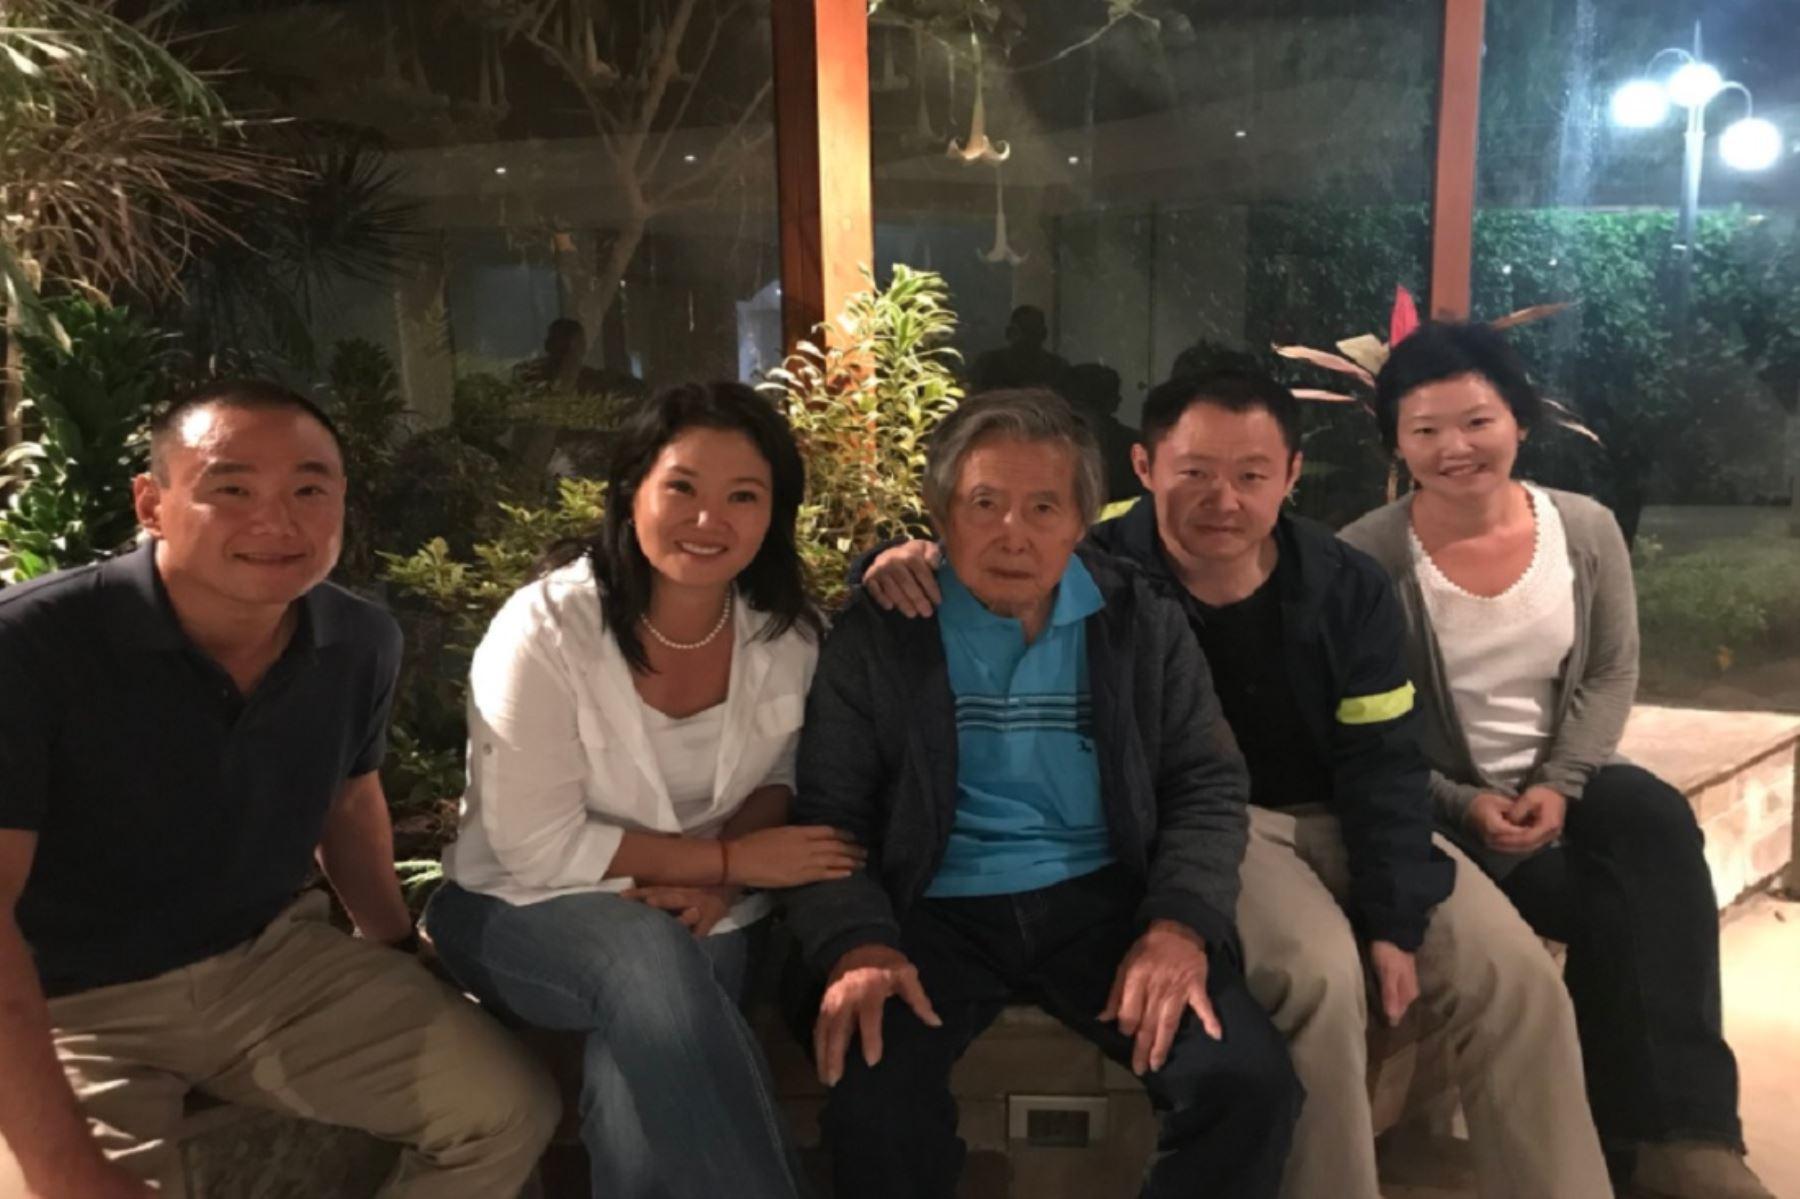 La diferencia entre los dos hermanos se hizo evidente también cuando Fujimori recobró su libertad con un indulto Humanitario. Keiko respalda el indulto, pero considera que el momento no fue el más adecuado y se presta a interpretaciones sobre un acuerdo político.